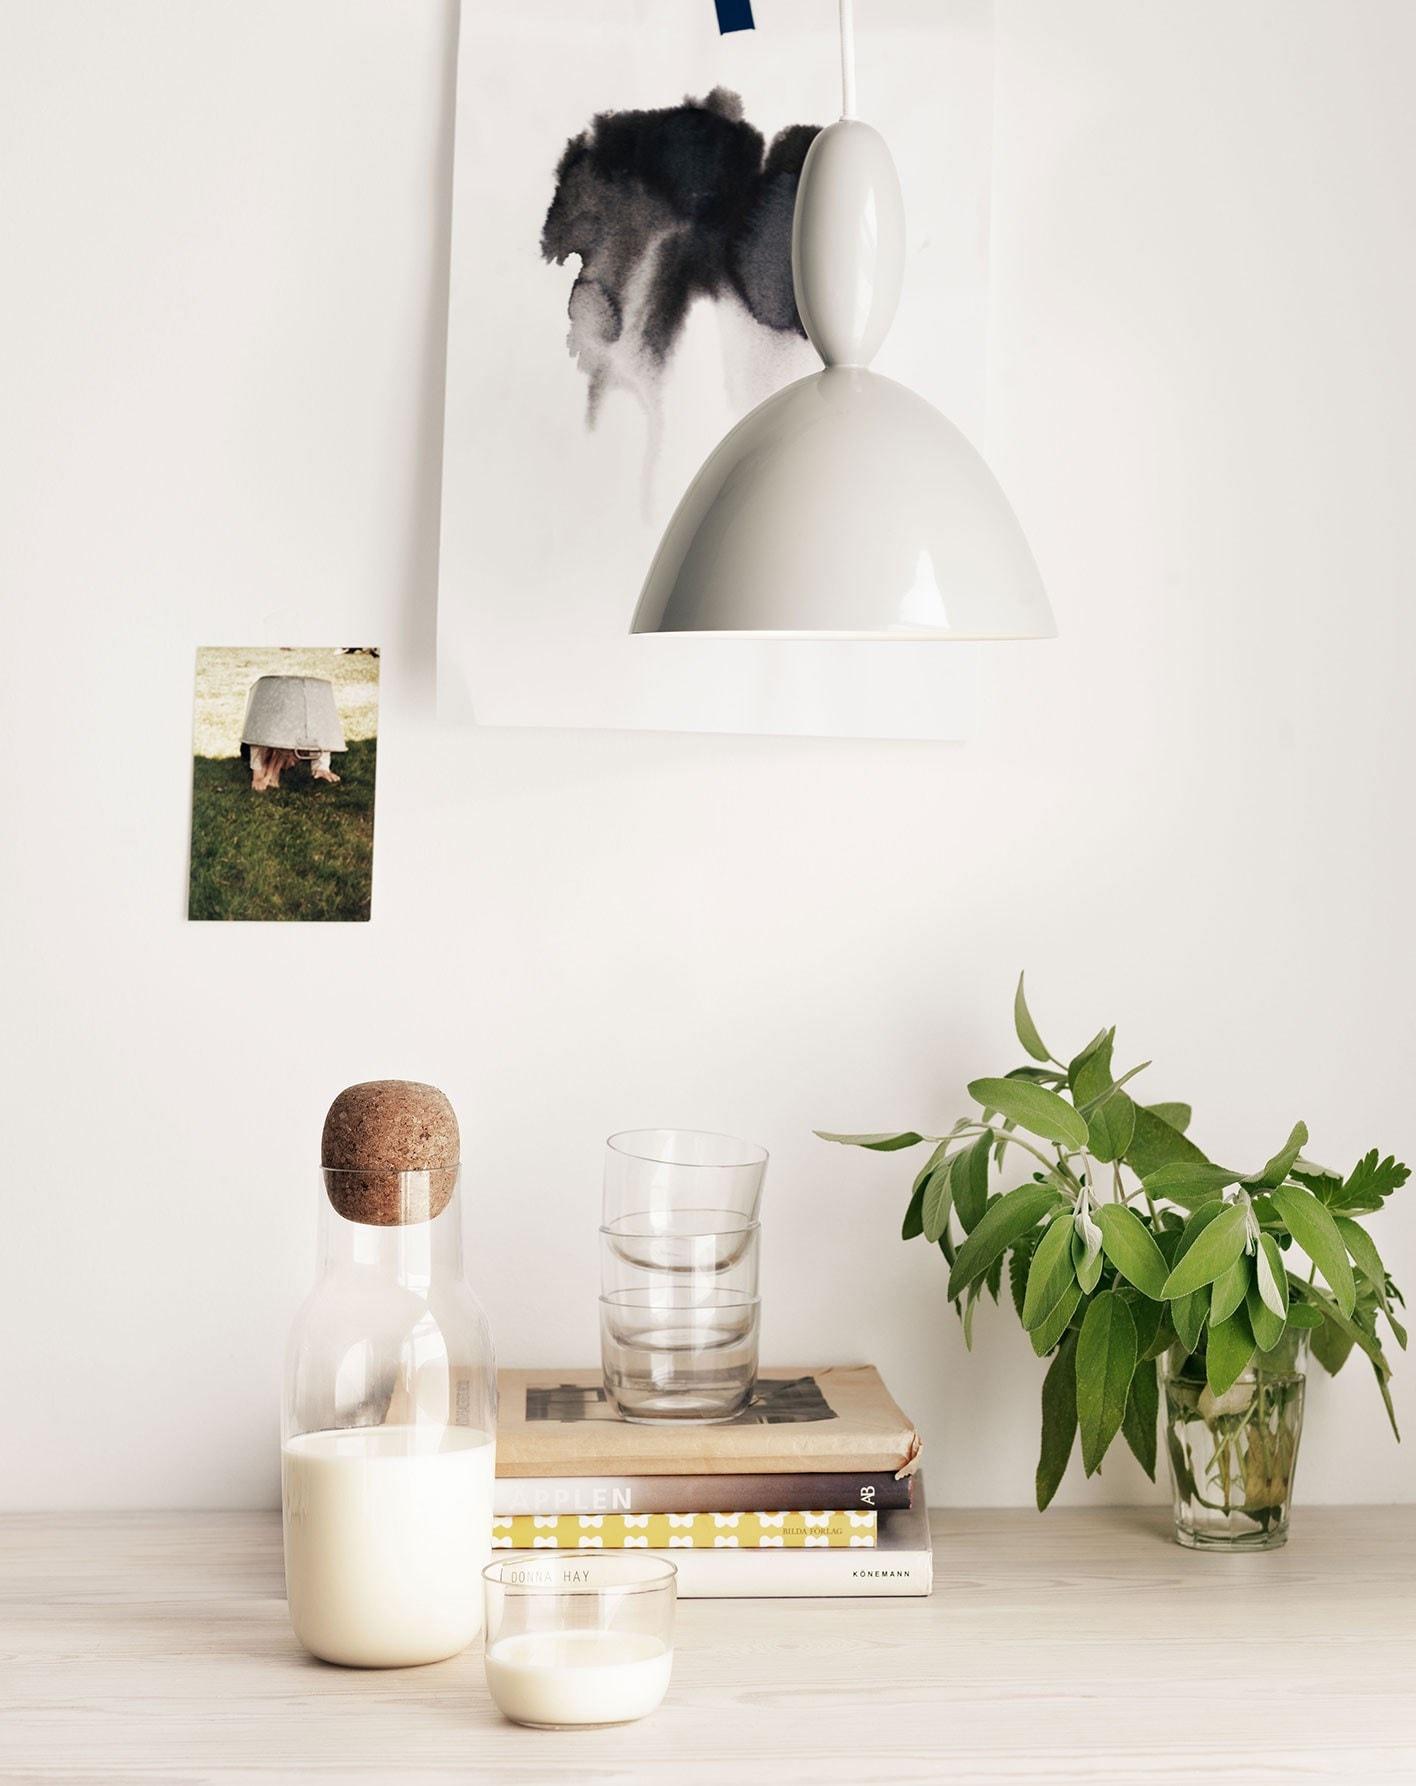 mhy-lamp-norway-says-muuto